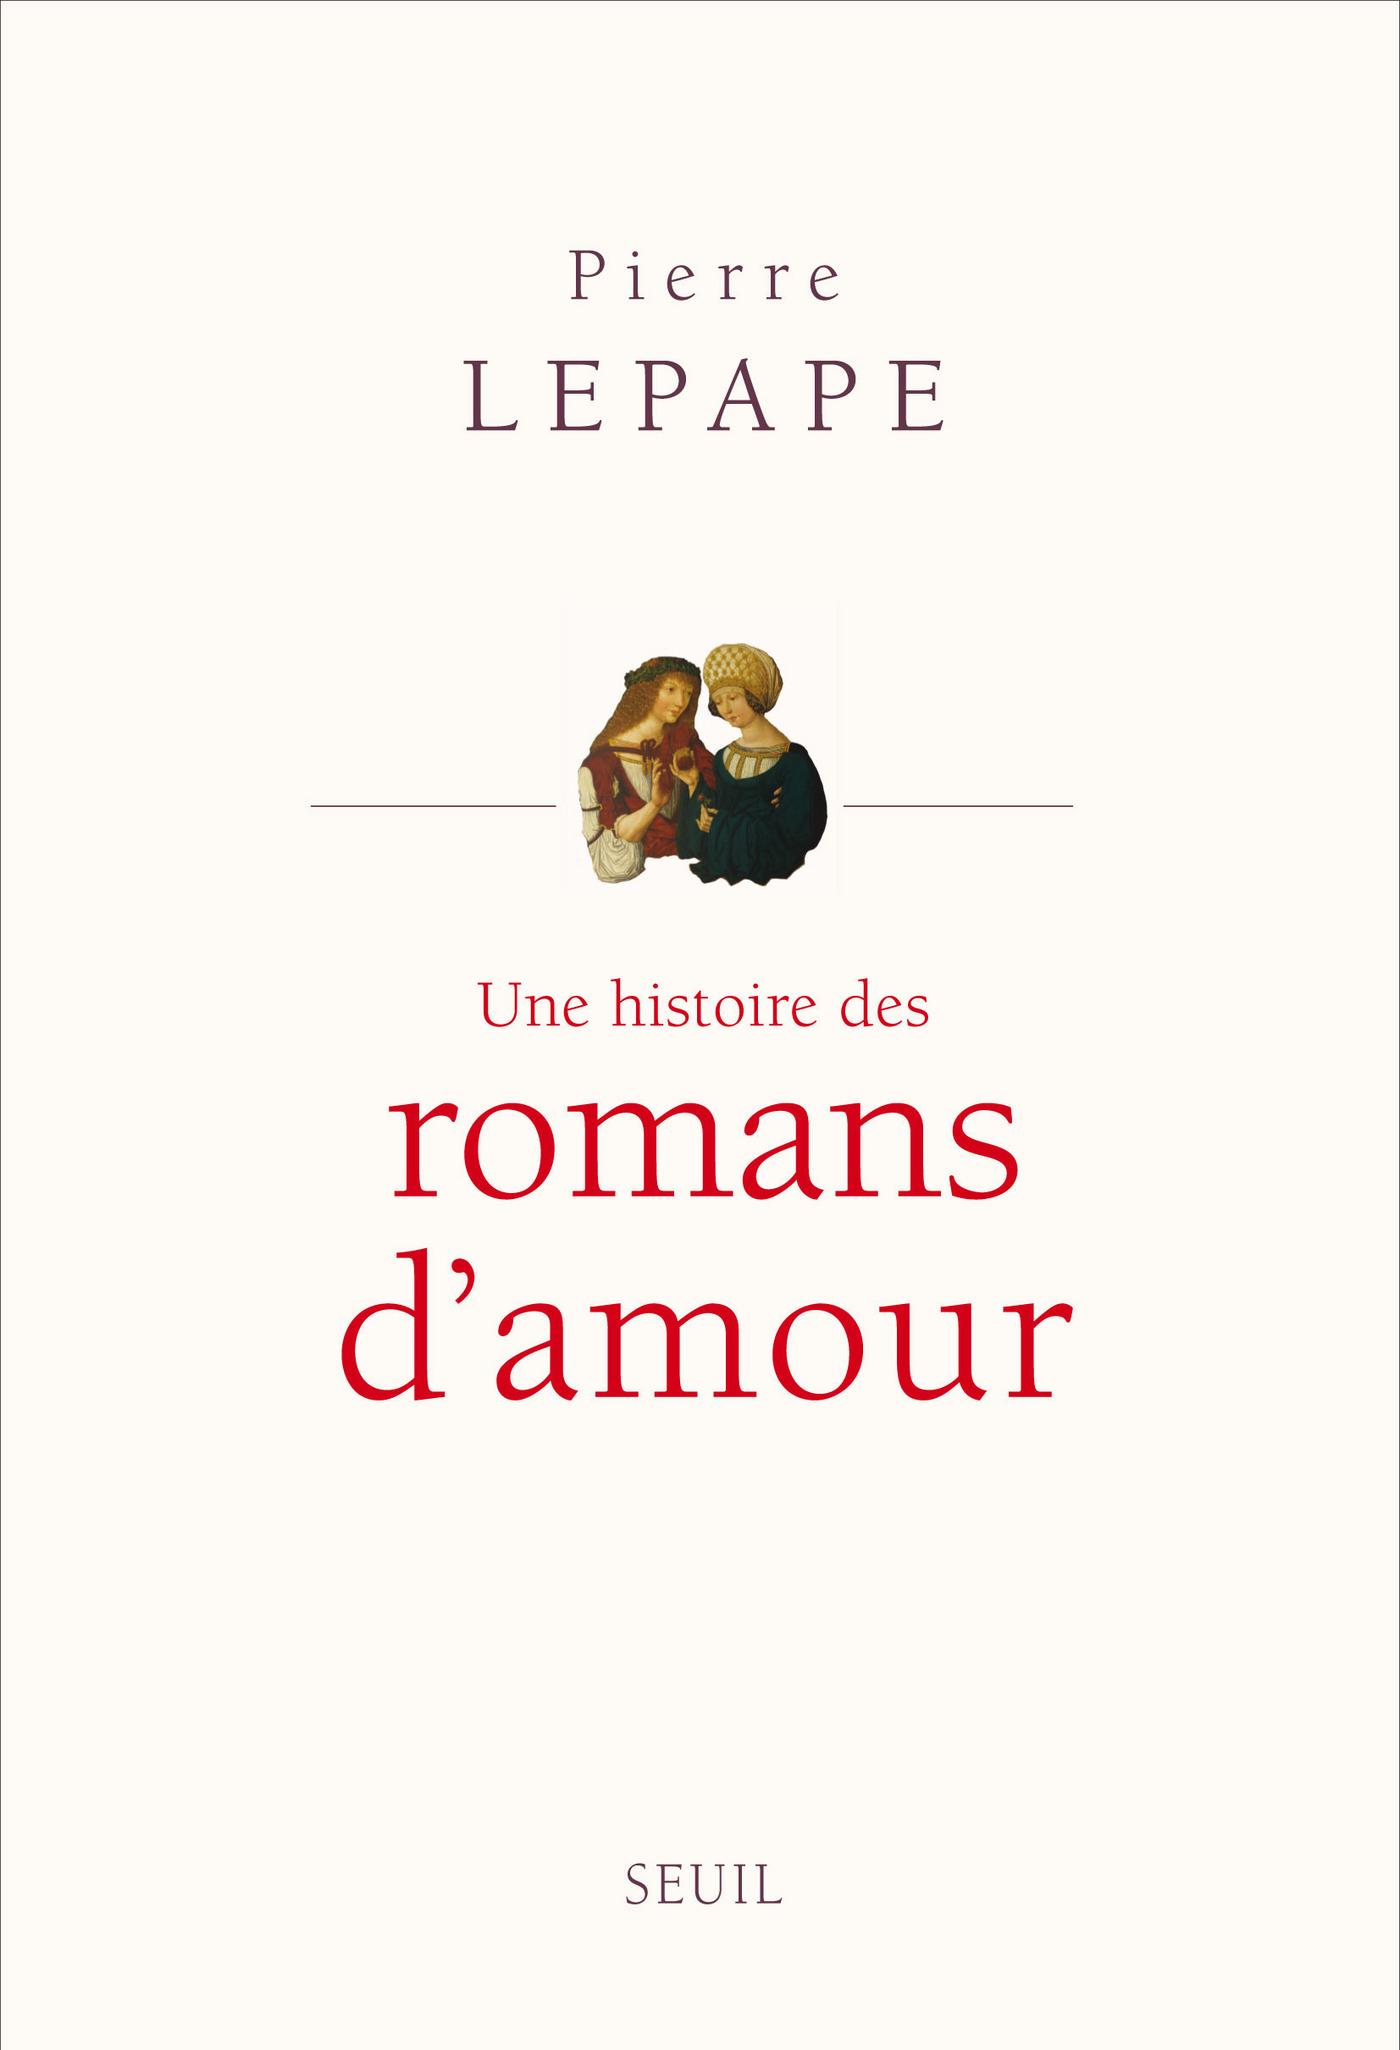 Une histoire des romans d'amour